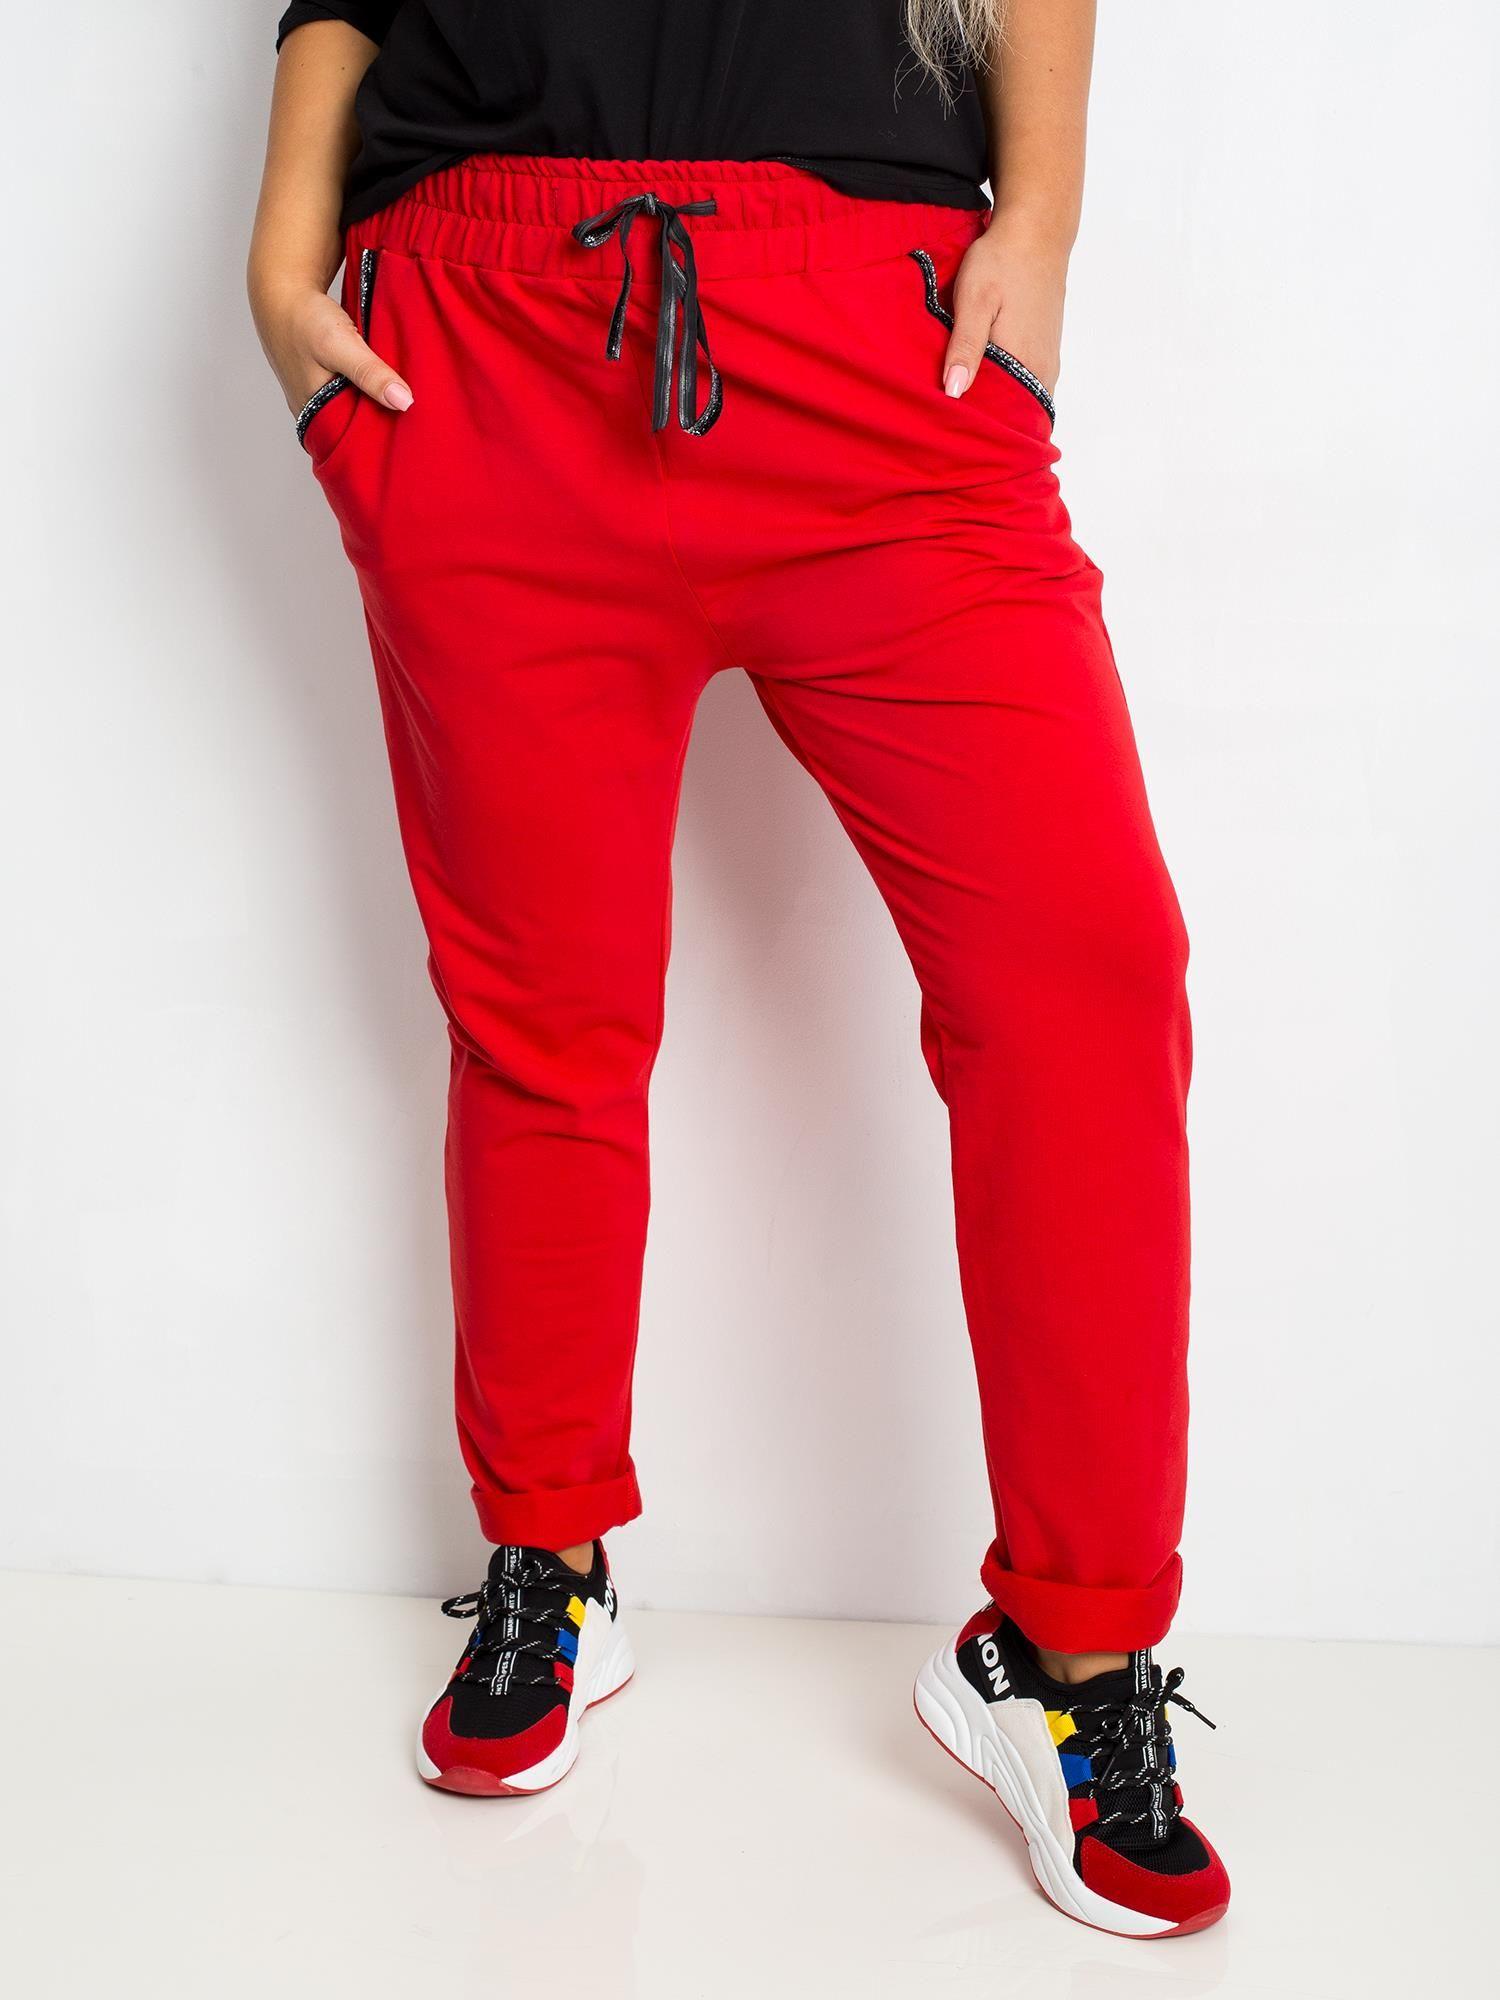 Joggpants in Rot mit Glitzerstreifen Vorderansicht